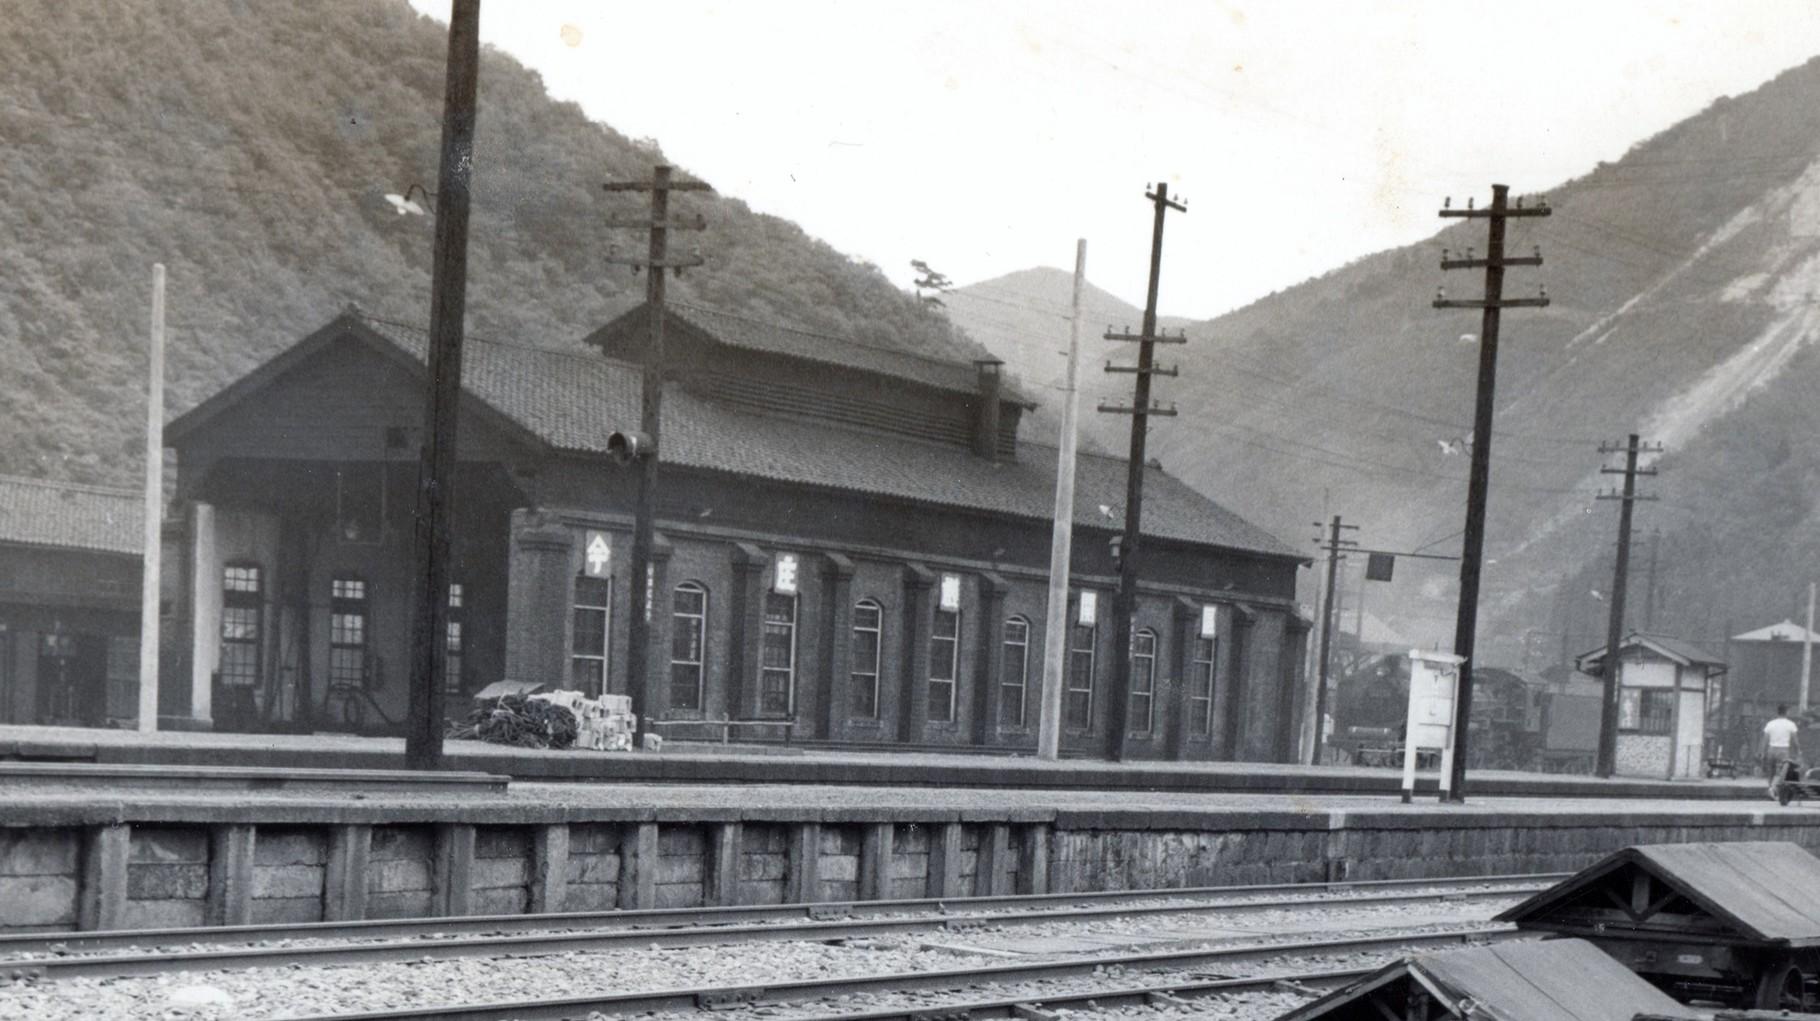 昭和37年当時の今庄駅構内。レンガ造りの機関車格納庫